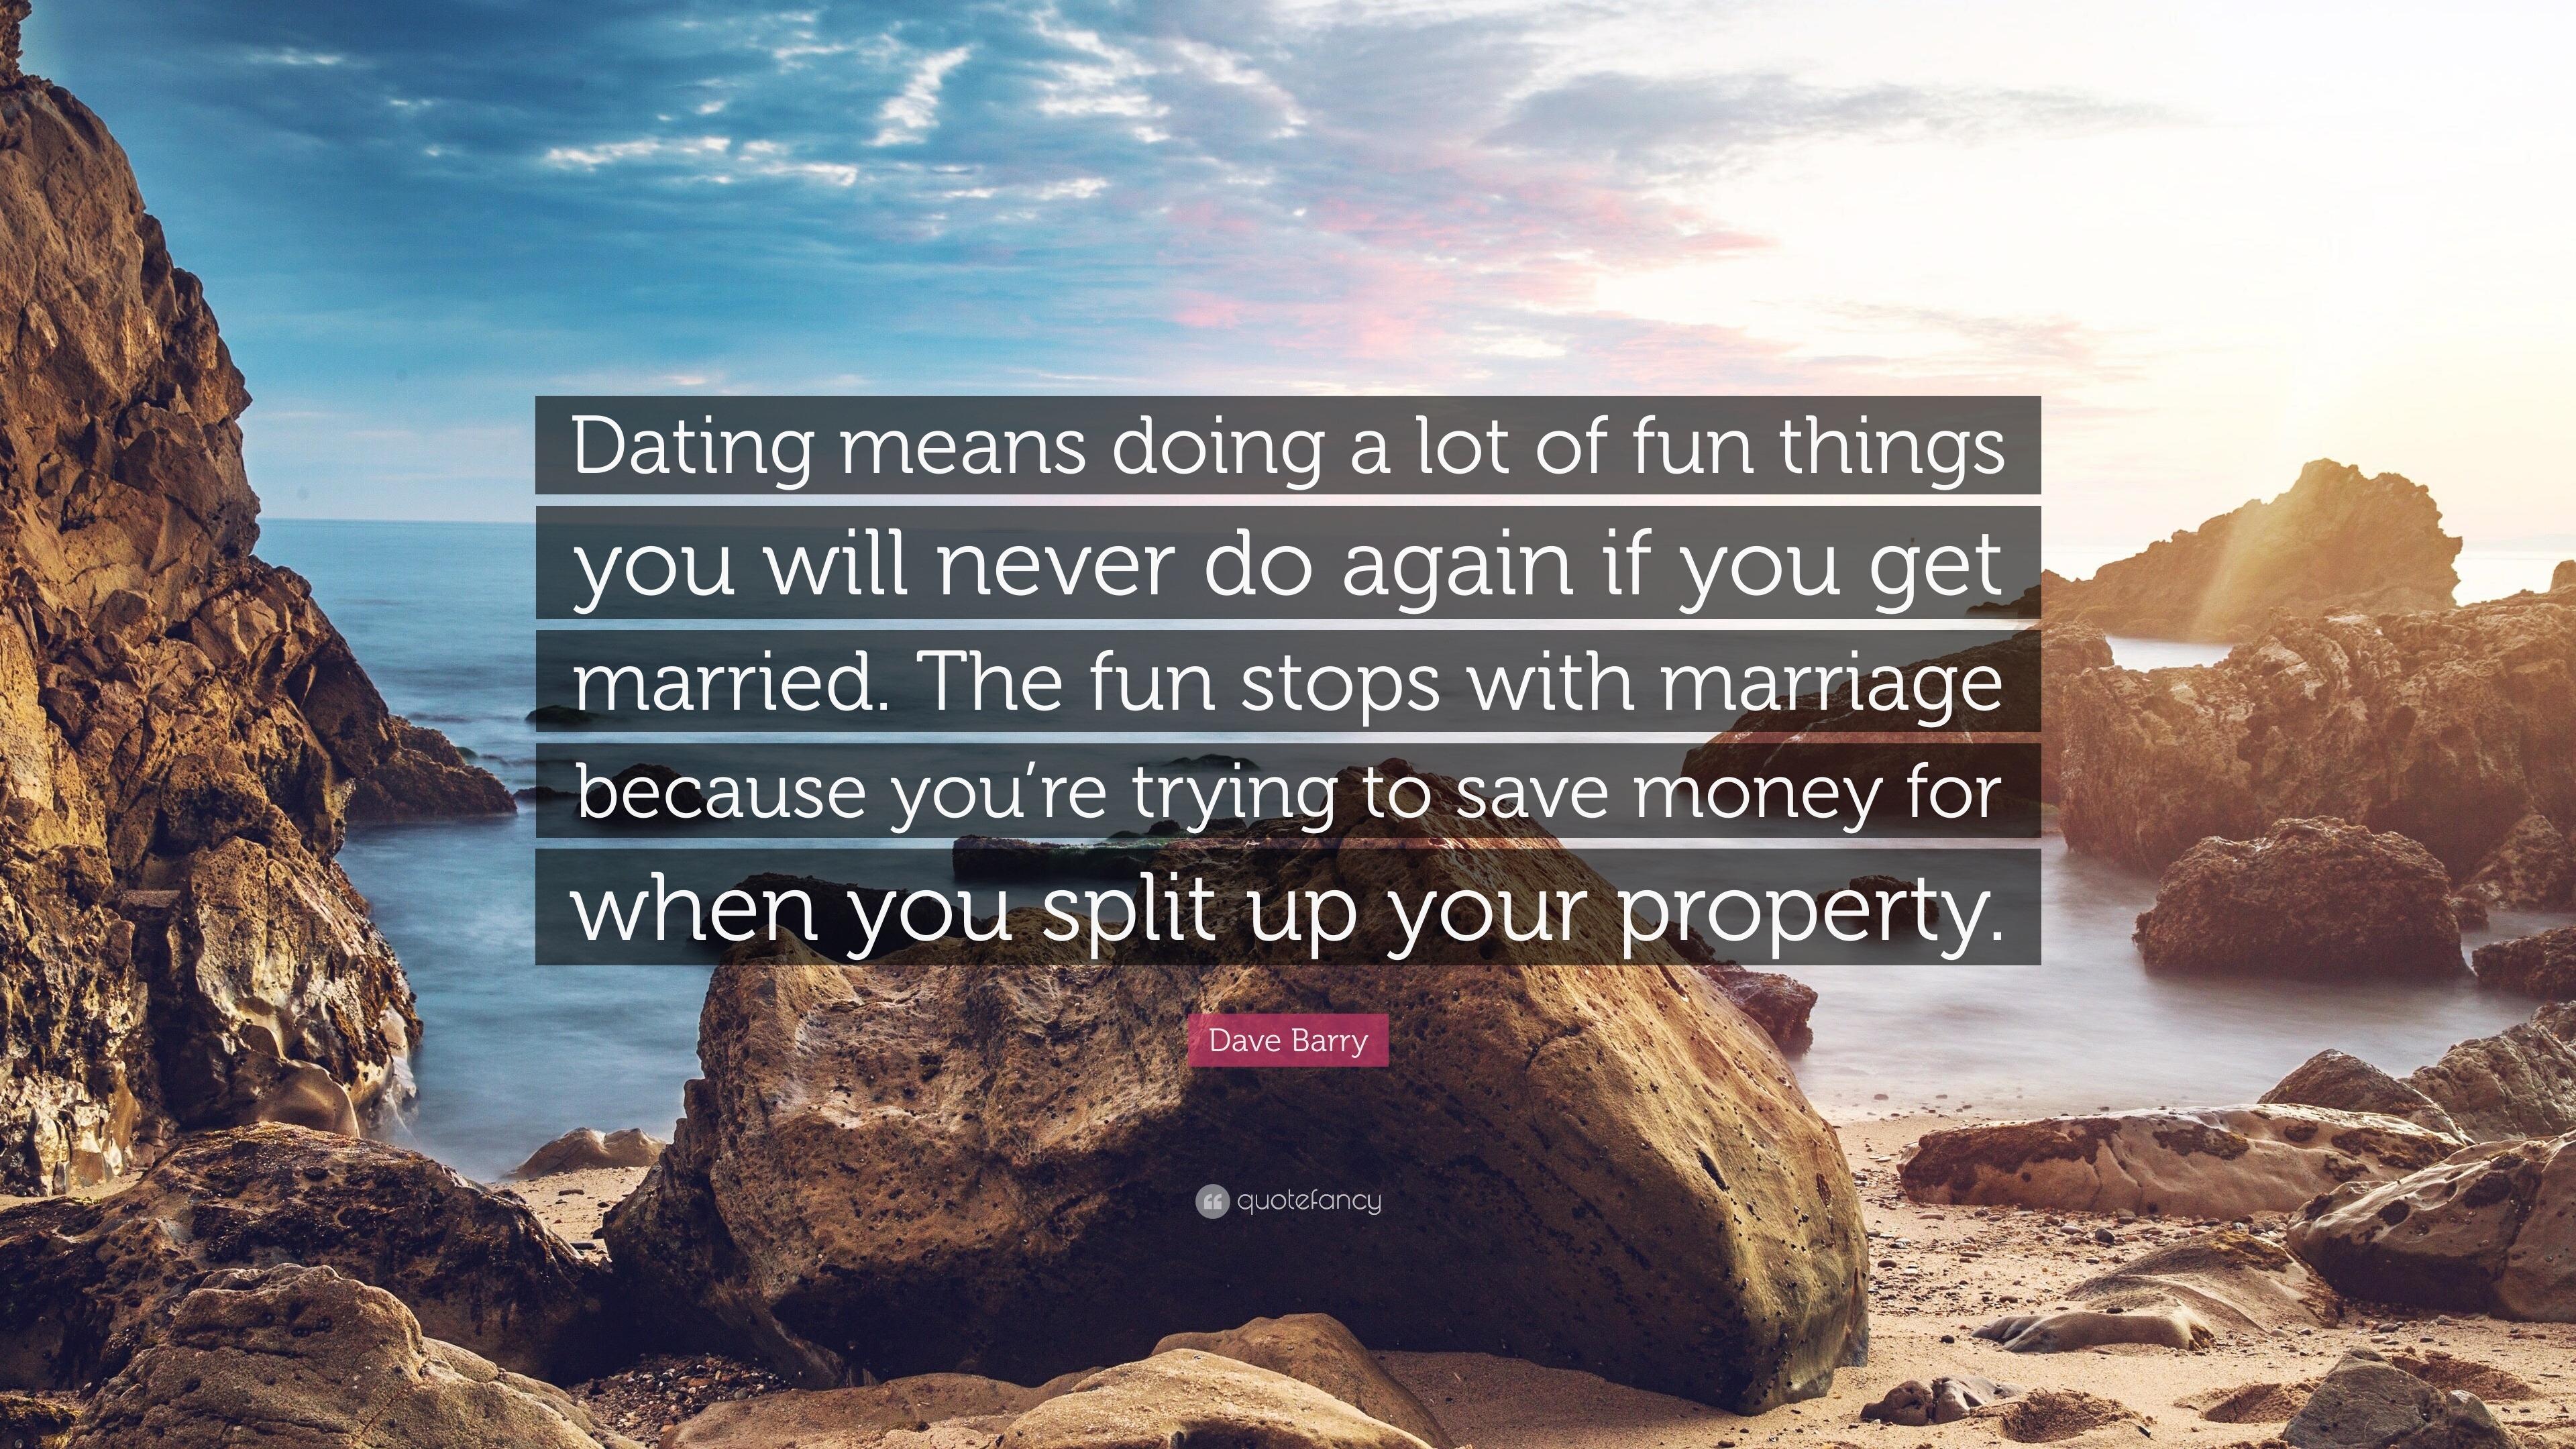 paras lainaus dating